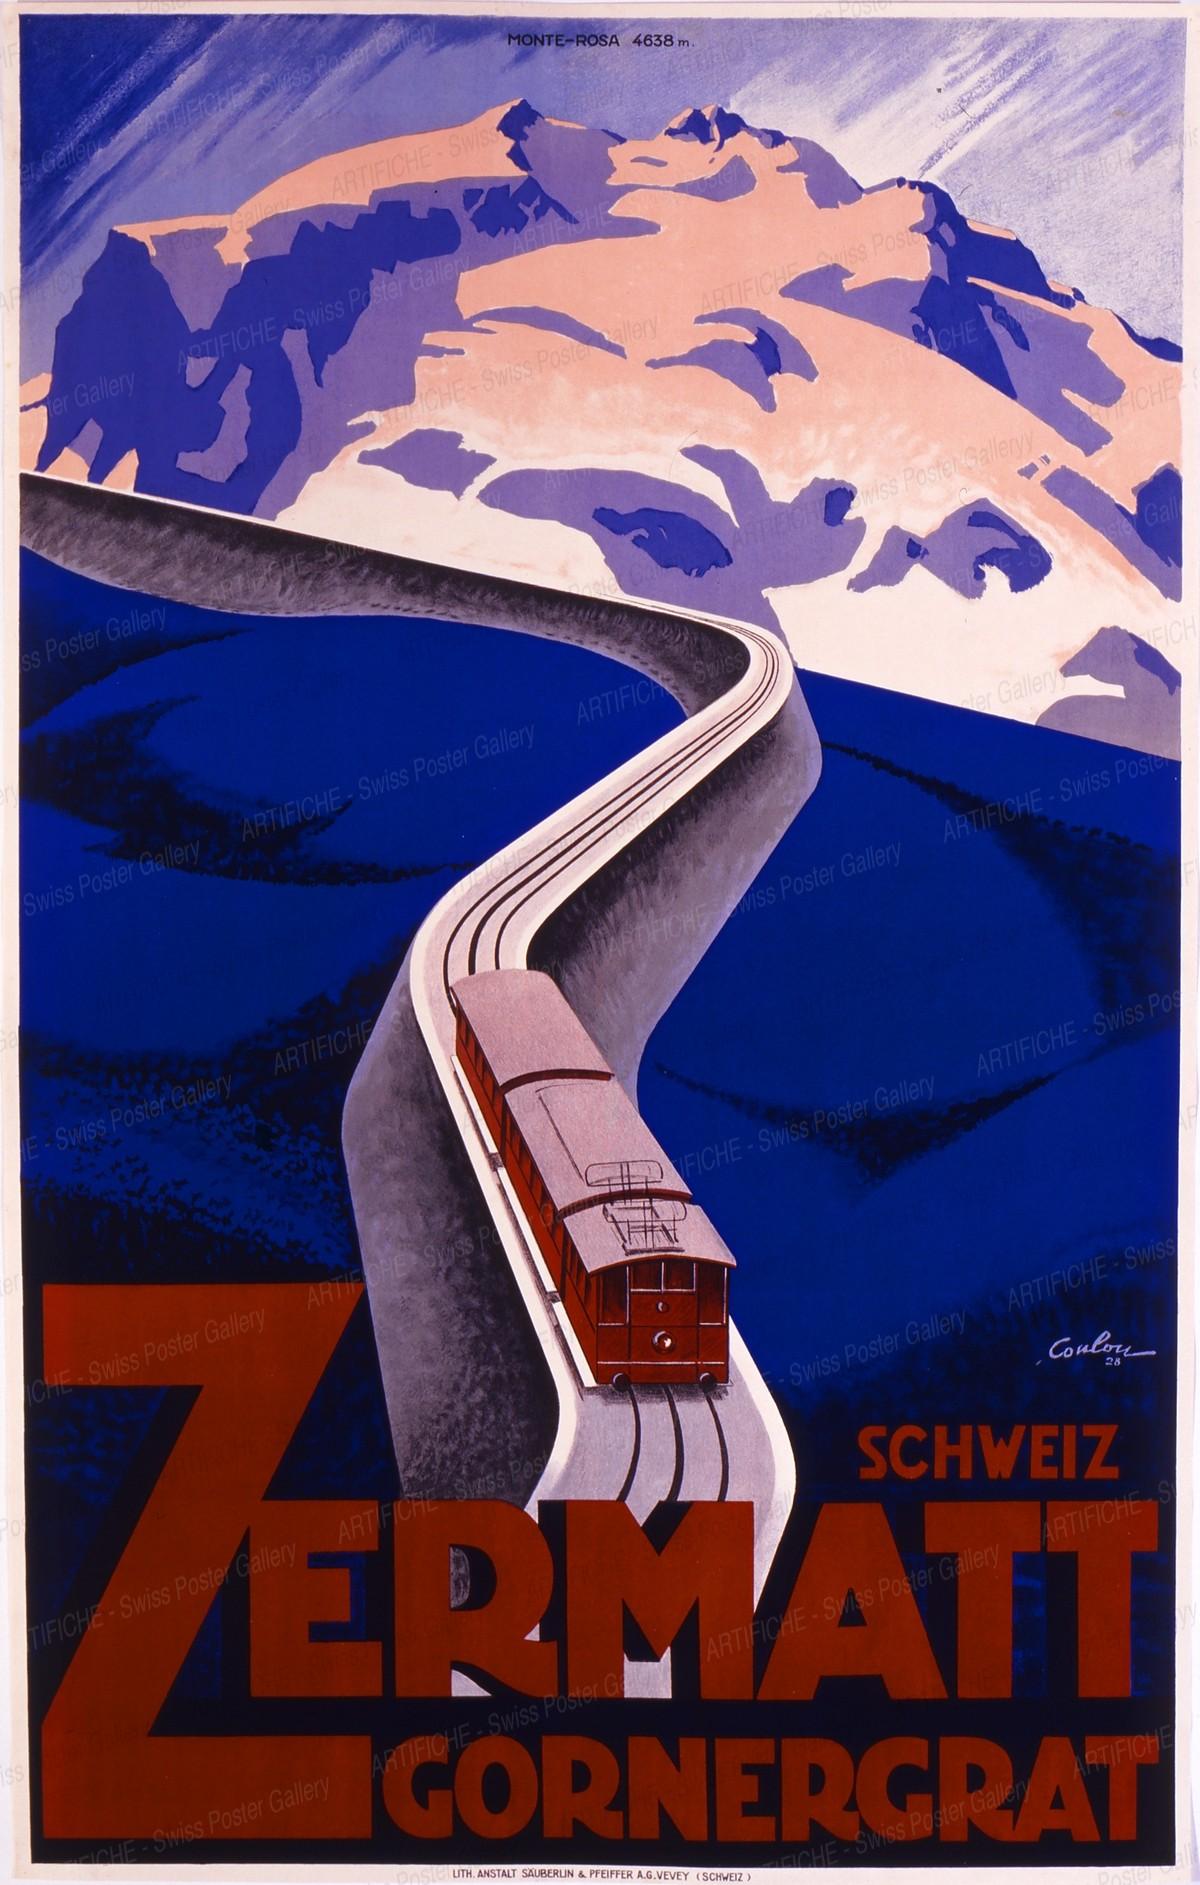 ZERMATT – Gornergrat Schweiz, Eric de Coulon